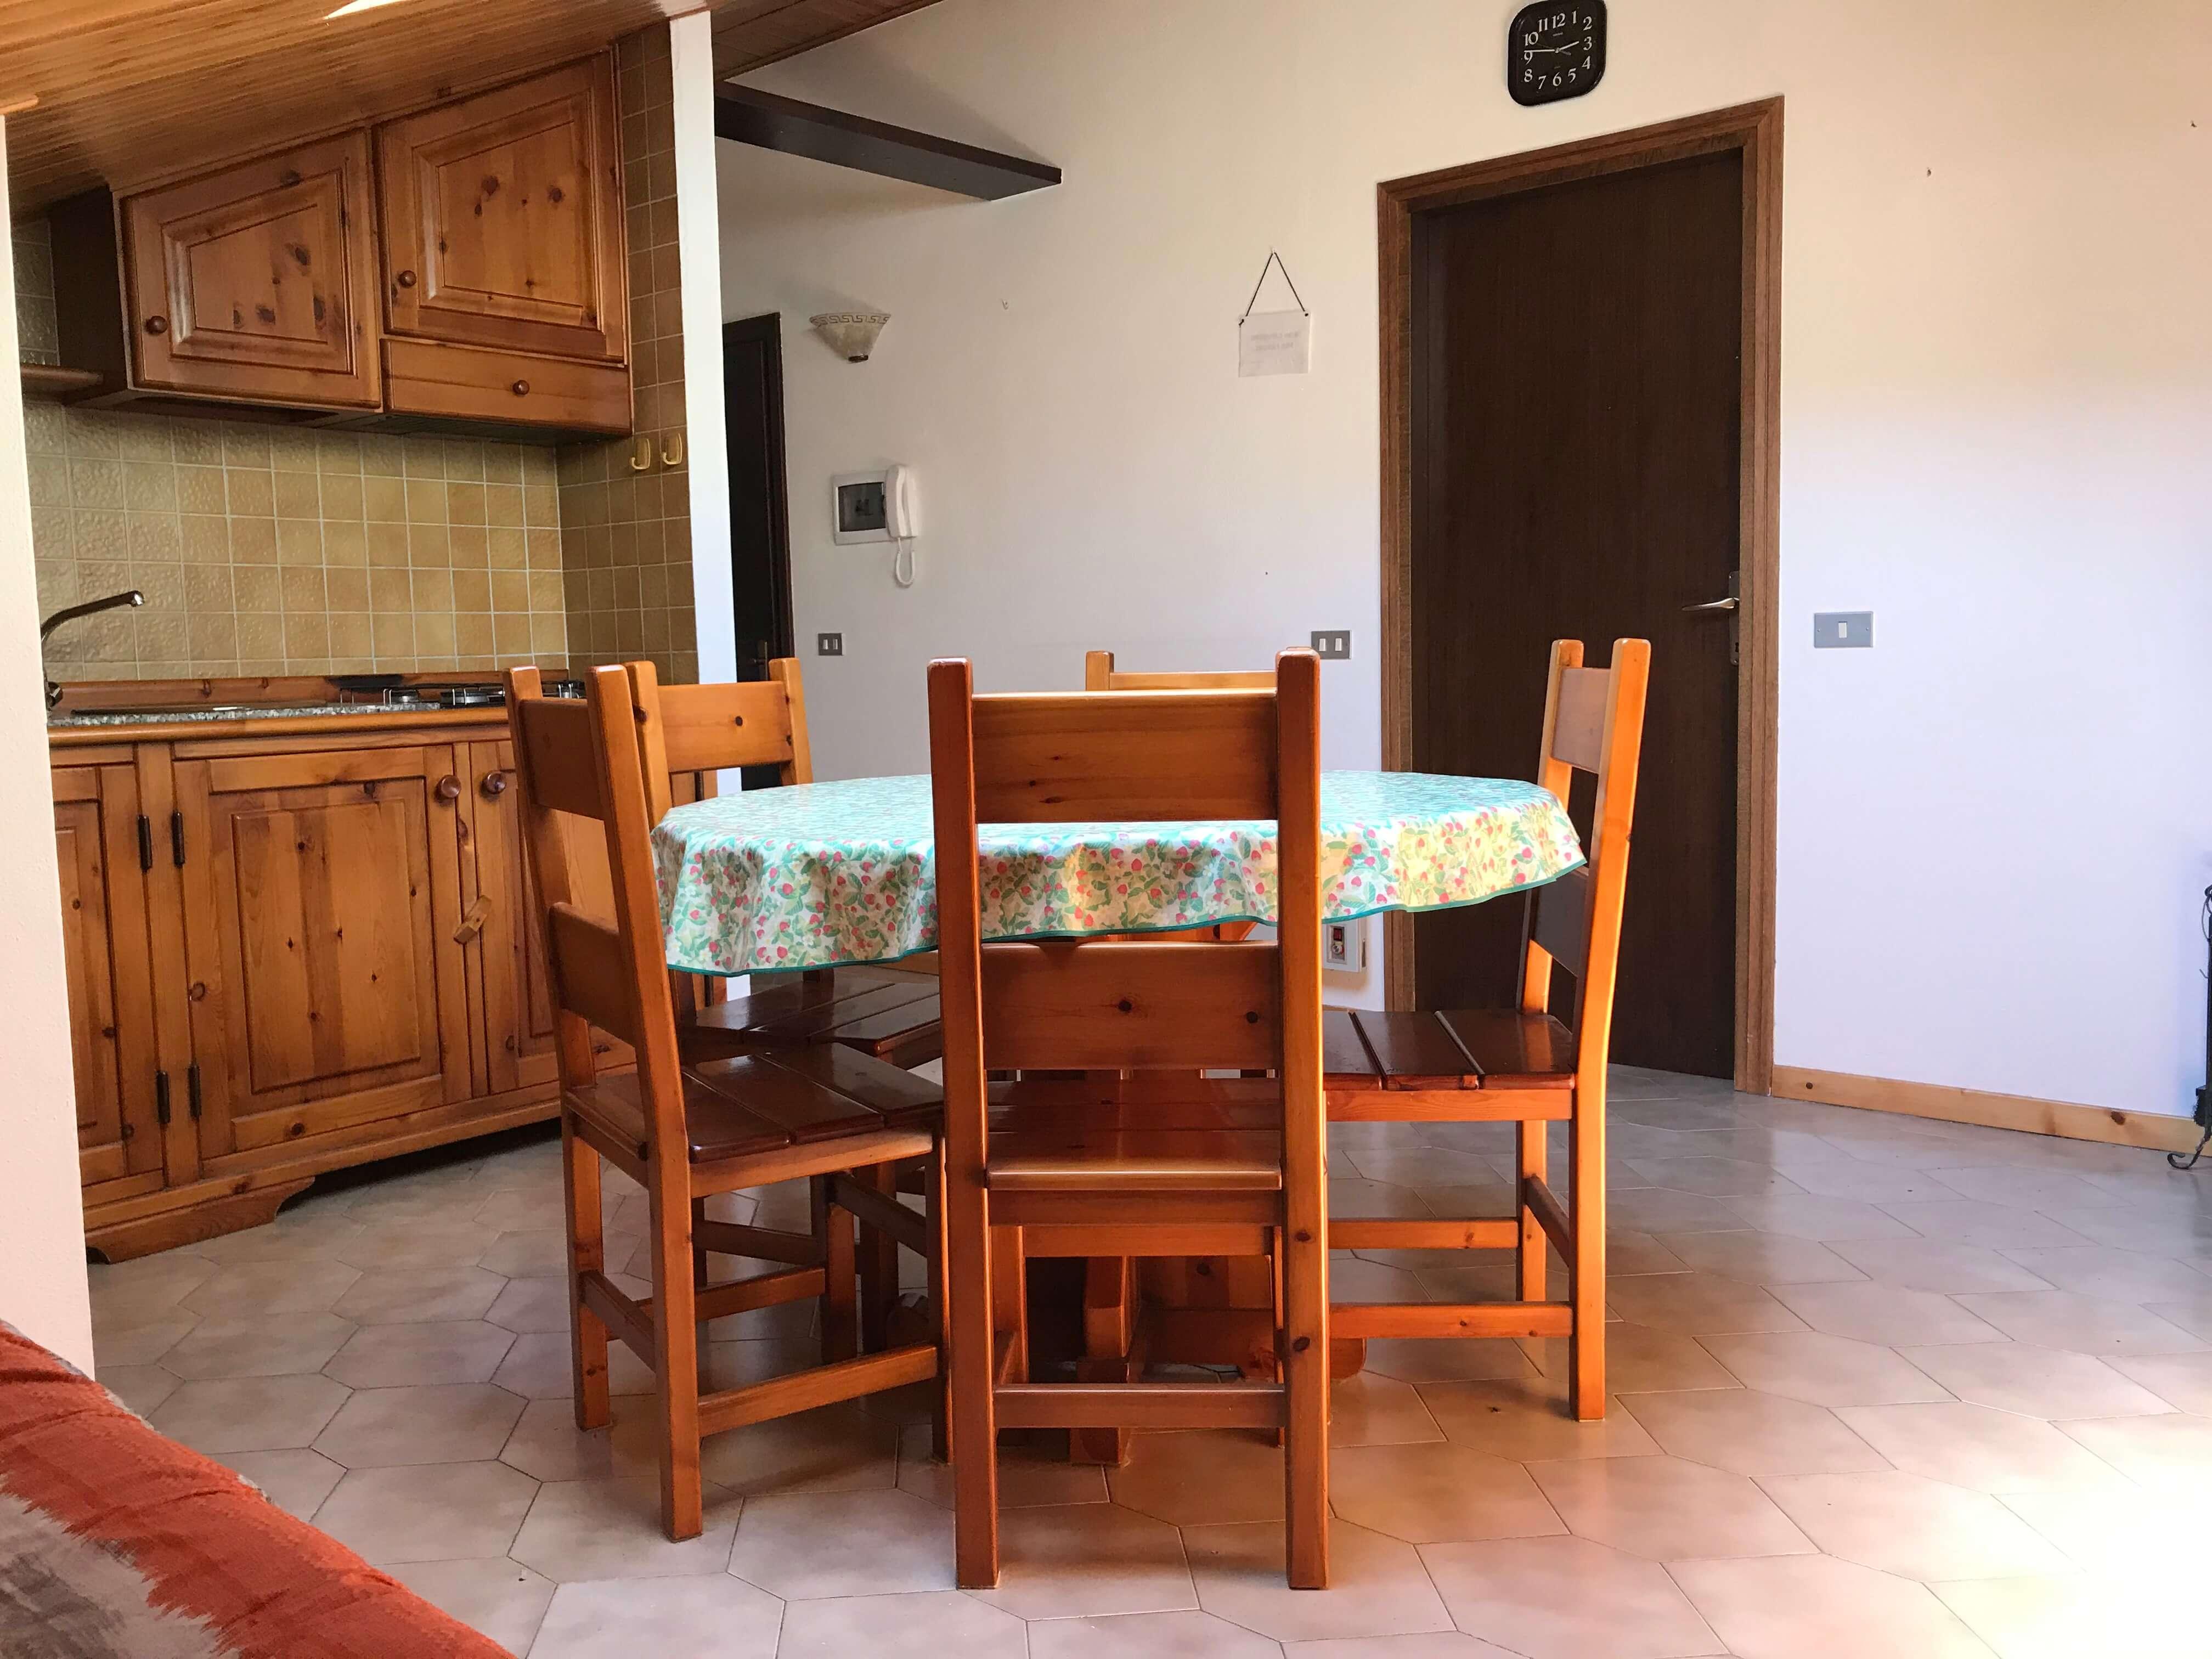 Immobiliare Abita mansarda bilocale in vendita - soggiorno